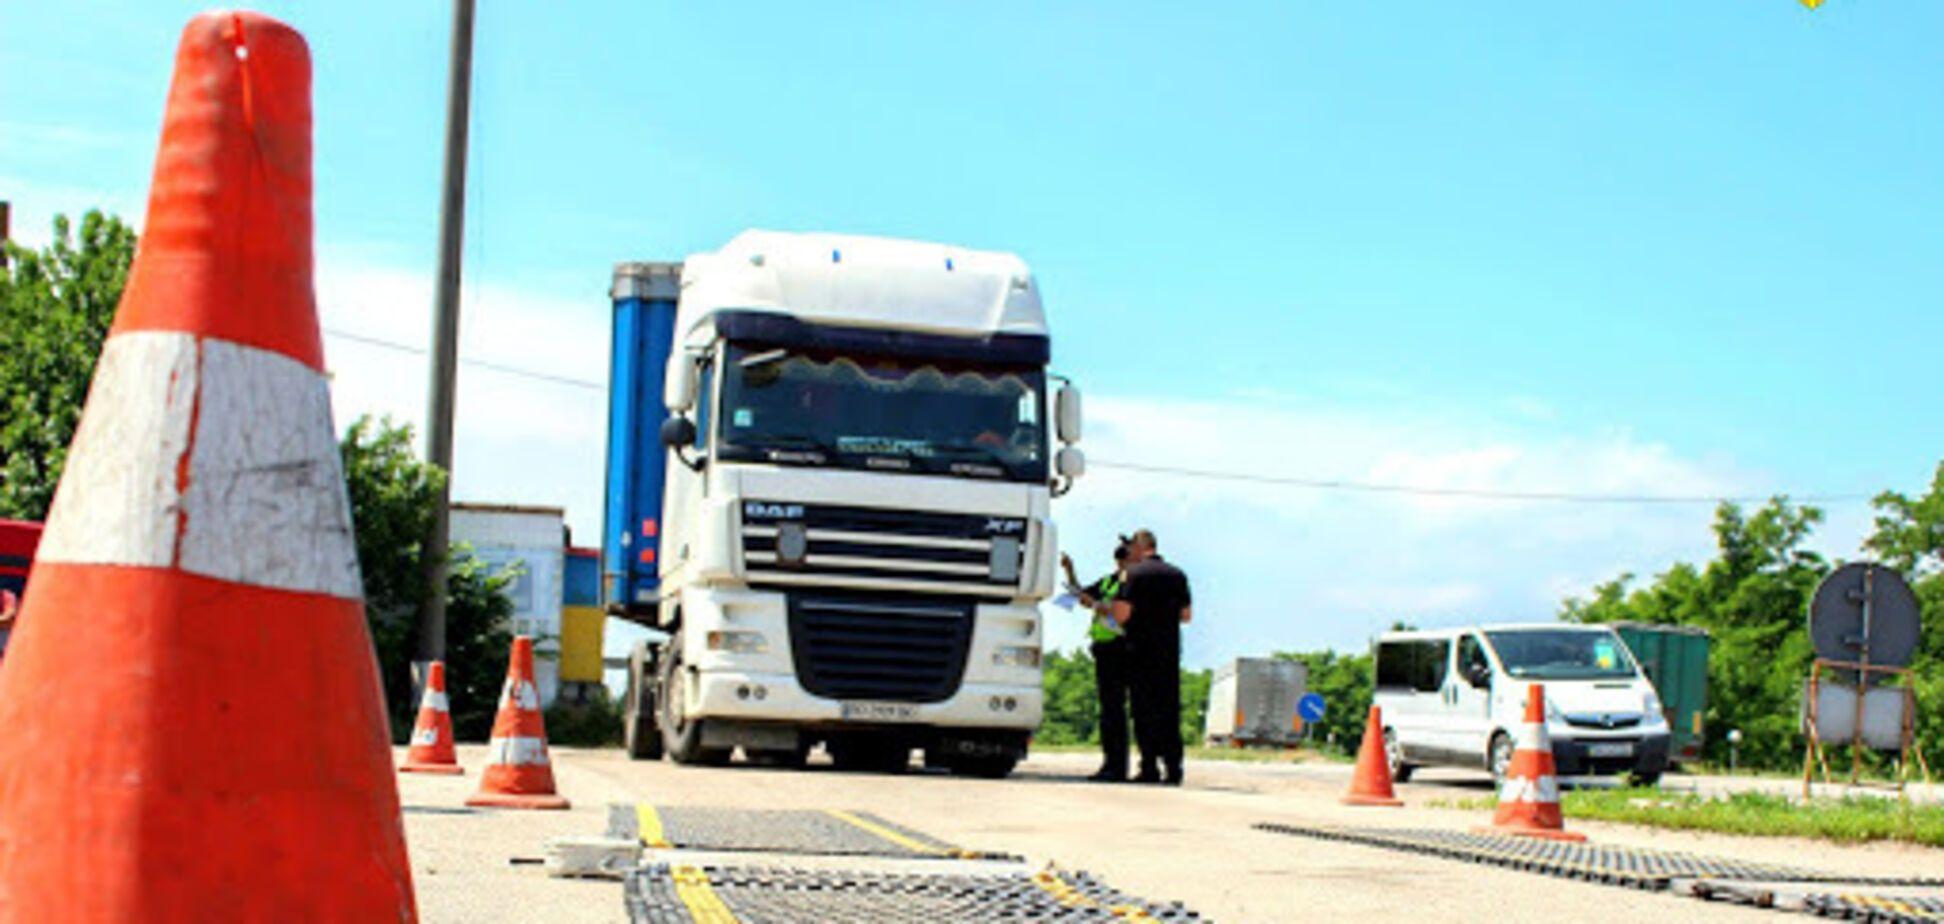 В Україні за переповнені вантажівки нарахували понад 4 млн грн штрафів. Фото: Голос України